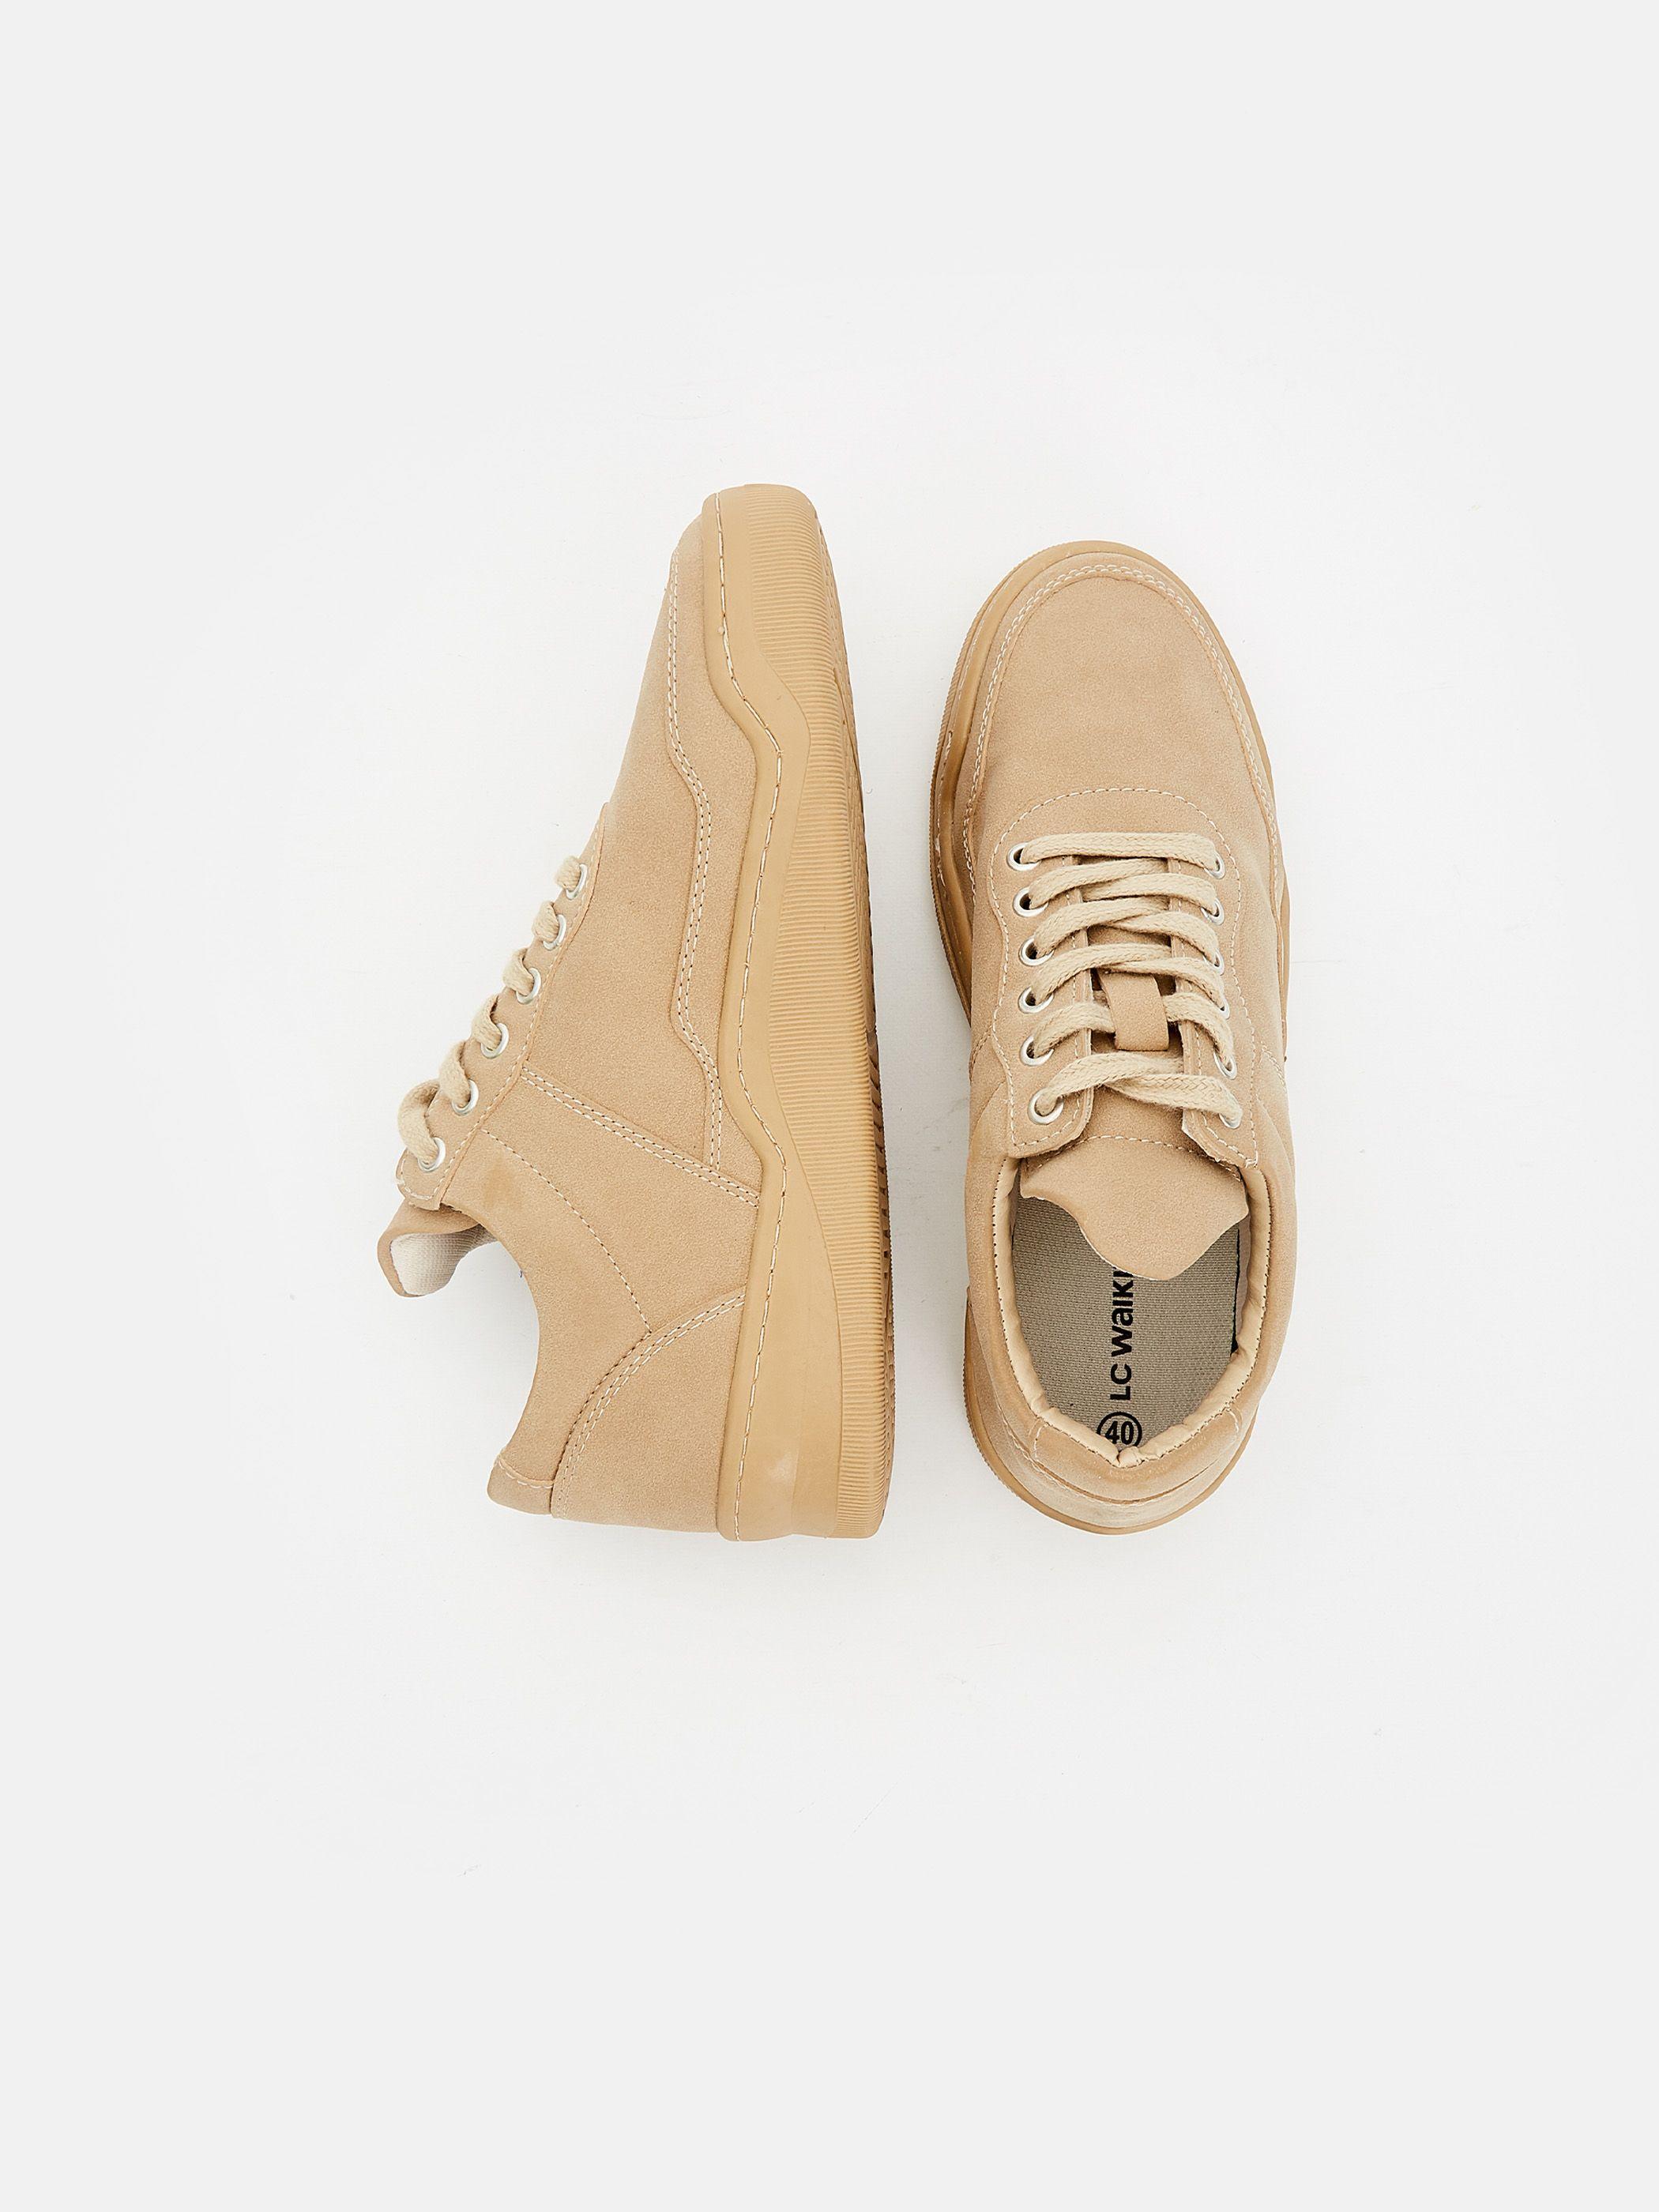 کفش مردانه کفش مردانه جدید کفش مردانه مجلسی کفش مردانه اسپرت کفش مردانه چرم یورمد کفش مردانه خرید کفش کالج مردانه ارزان Sneakers Tretorn Sneaker Fashion